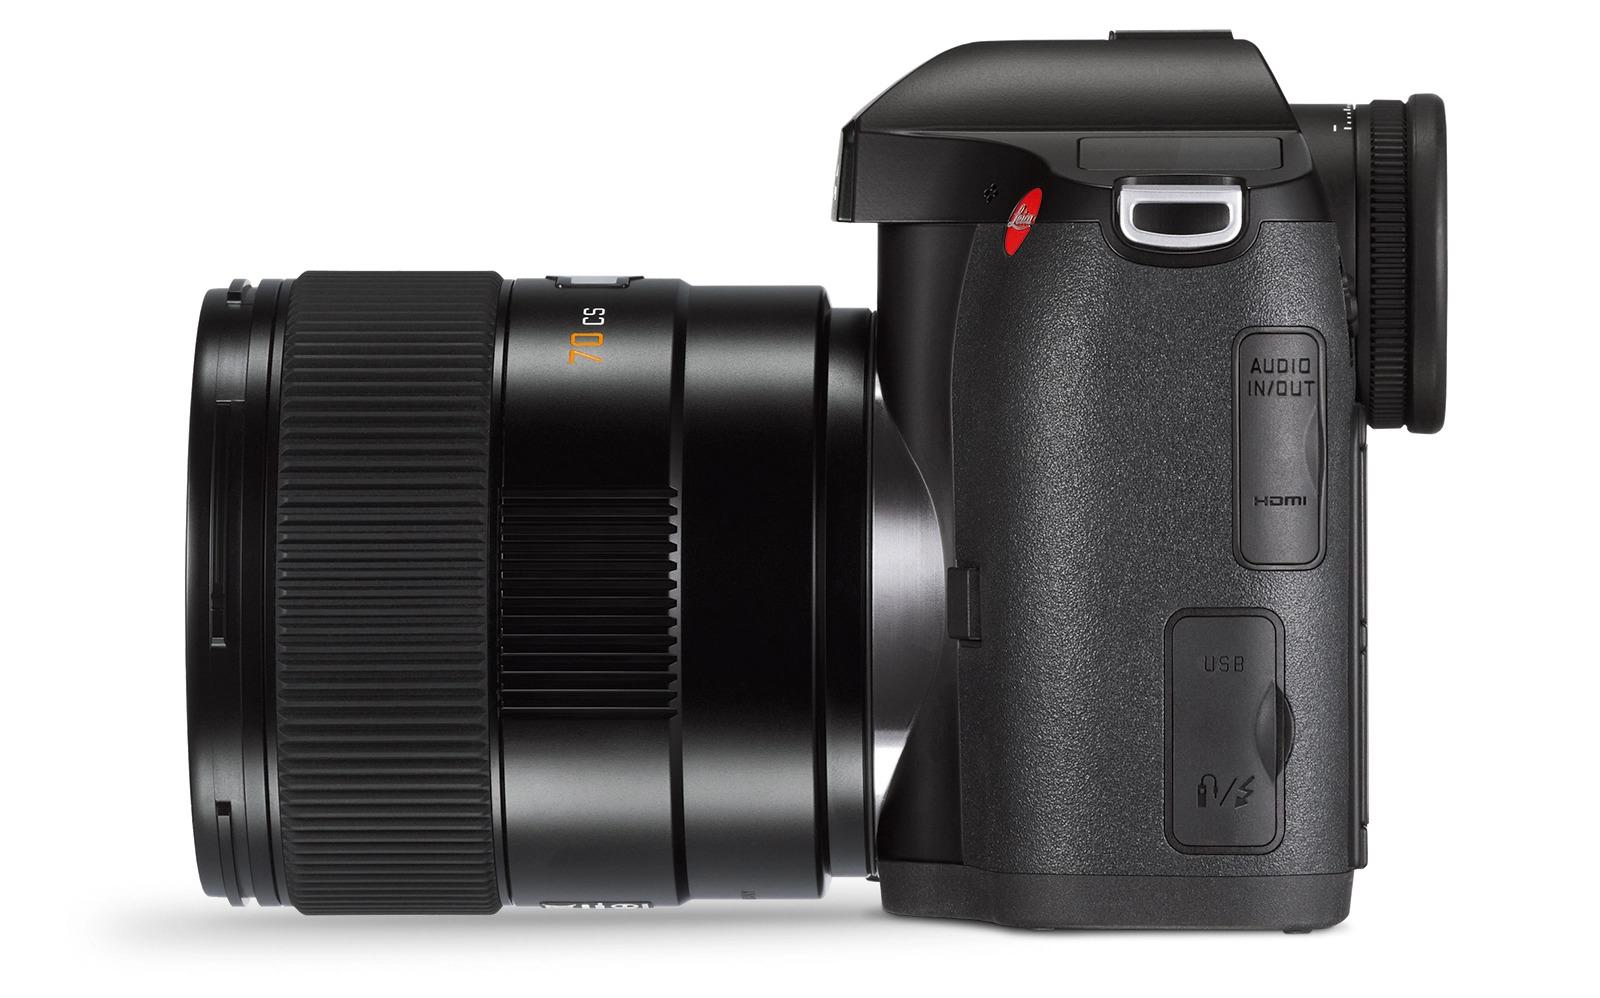 Leica S3 ra mắt với cảm biến Medium Format 64MP và quay video 4K - 6